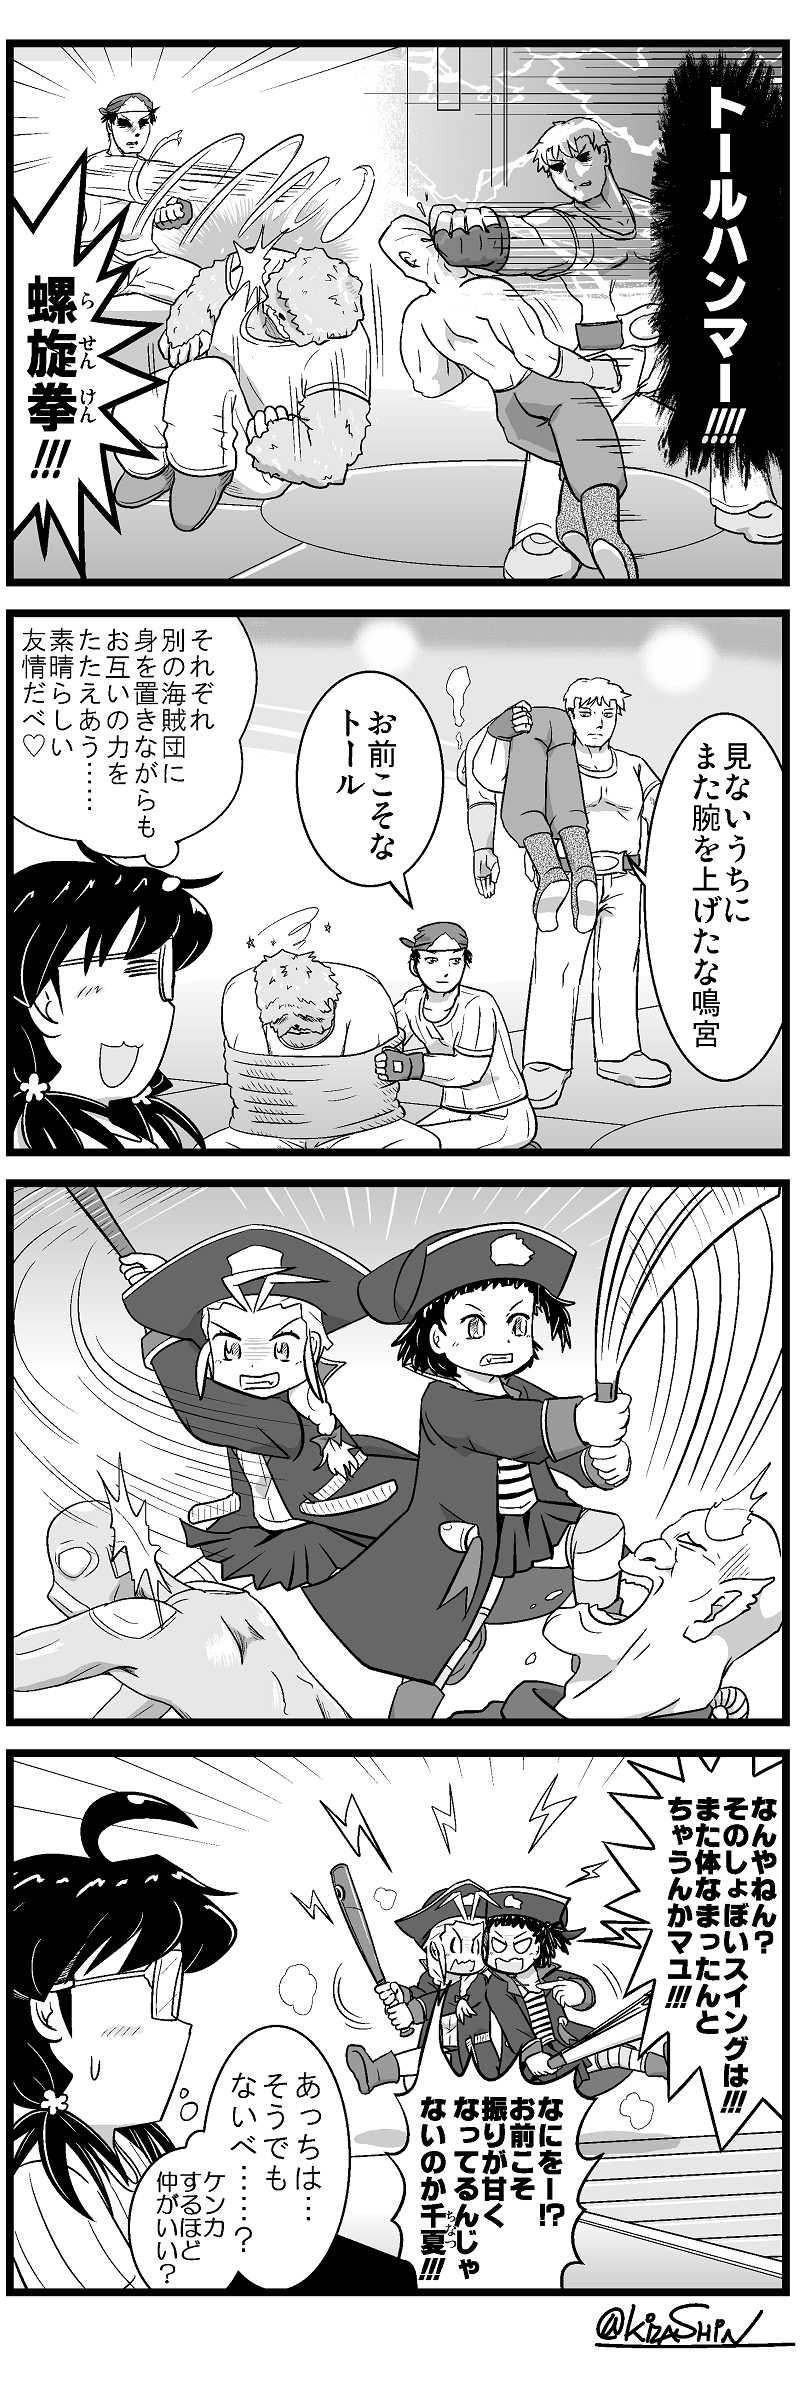 第46話 「マユタンと新たな海賊団」